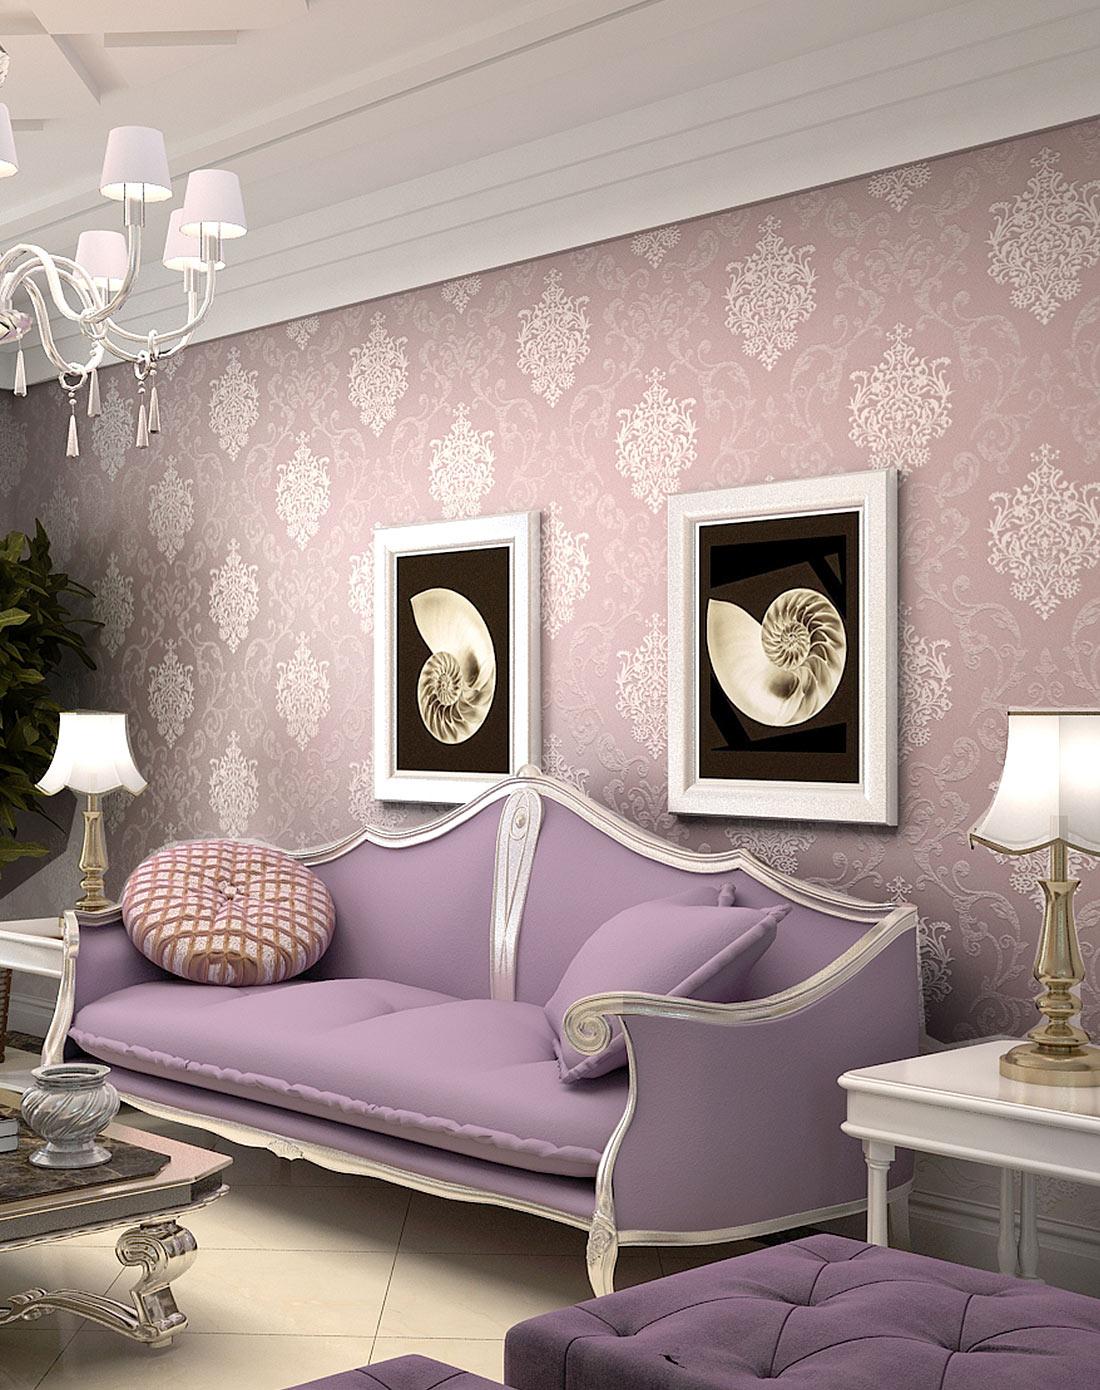 欧式壁纸 进口无纺布墙纸电视背景墙